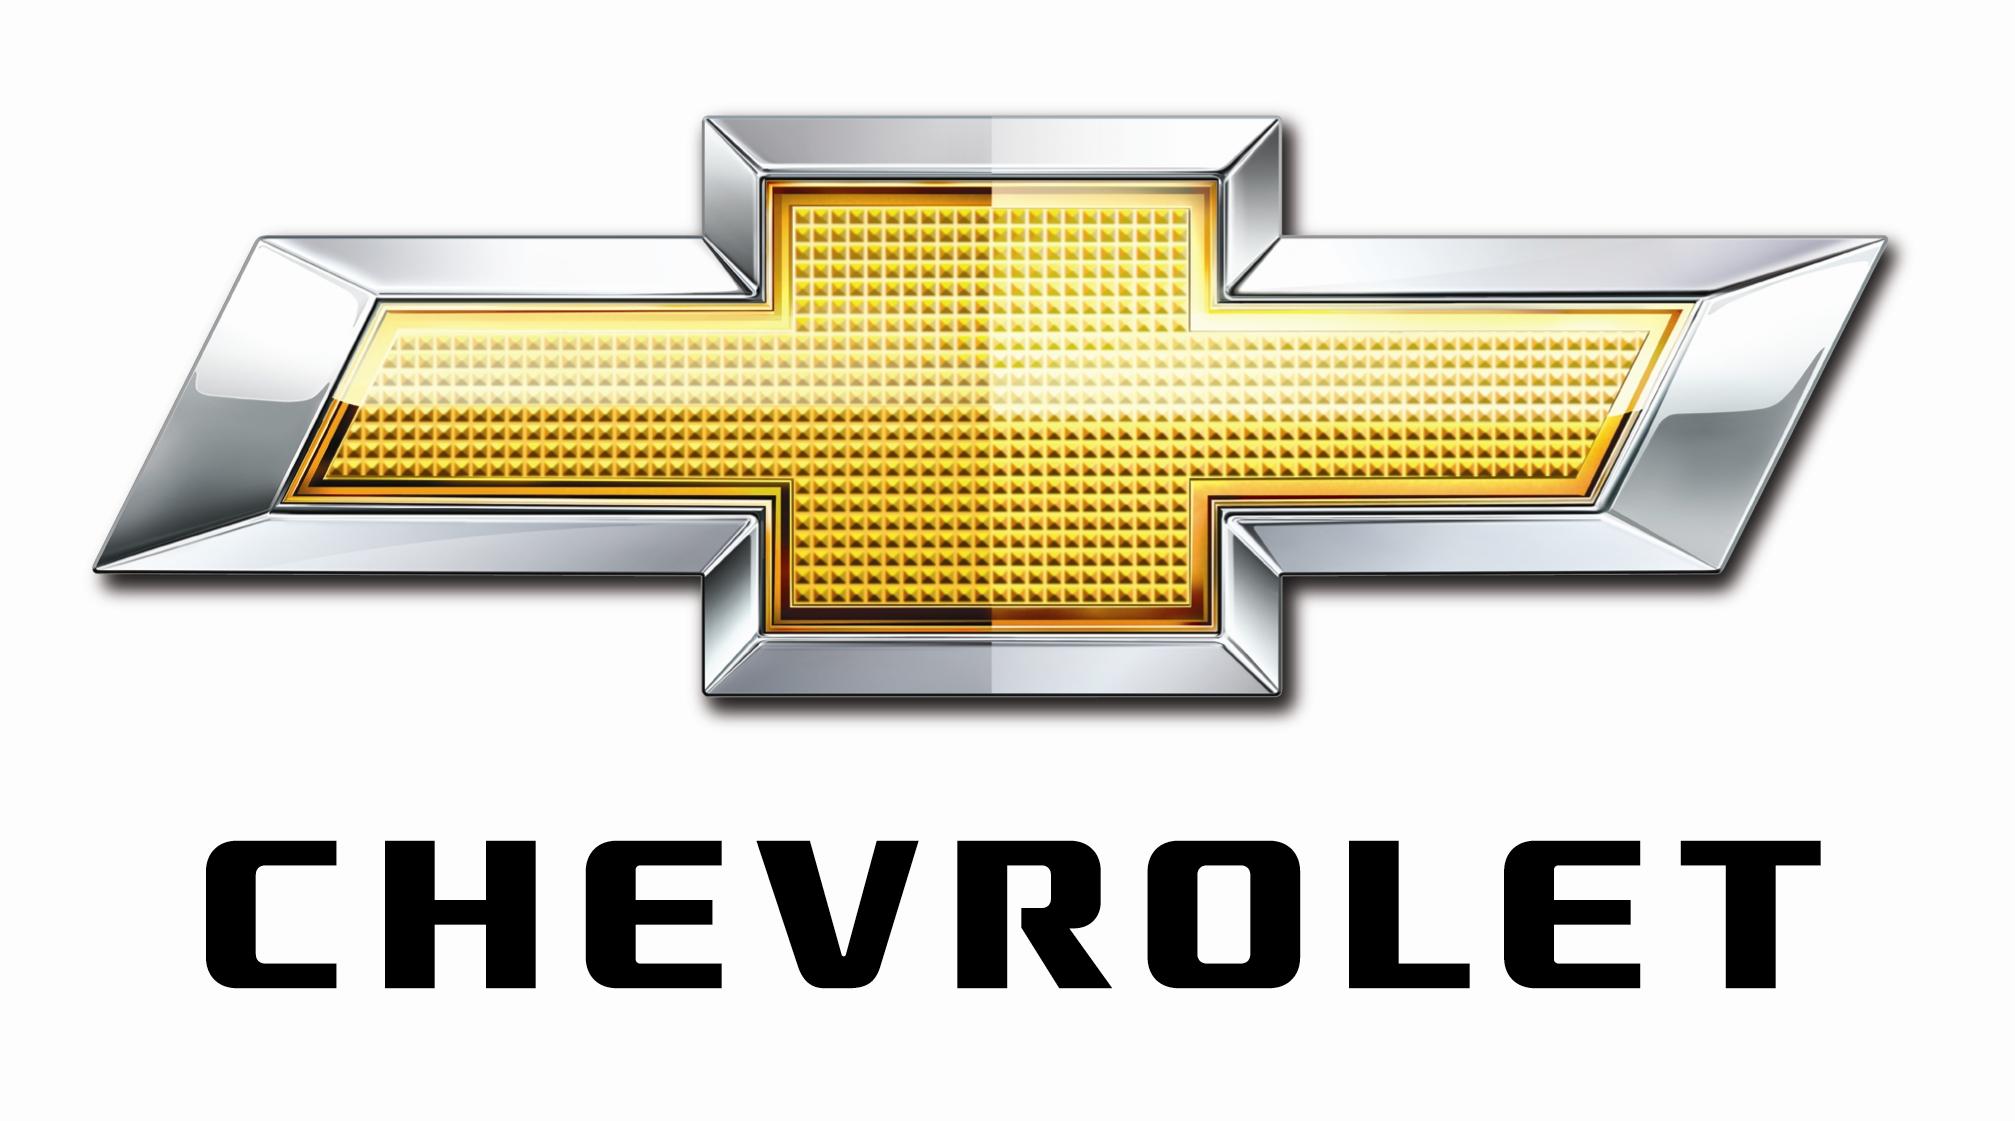 Chevrolet-Logo-HD-Wallpaper (1).jpg